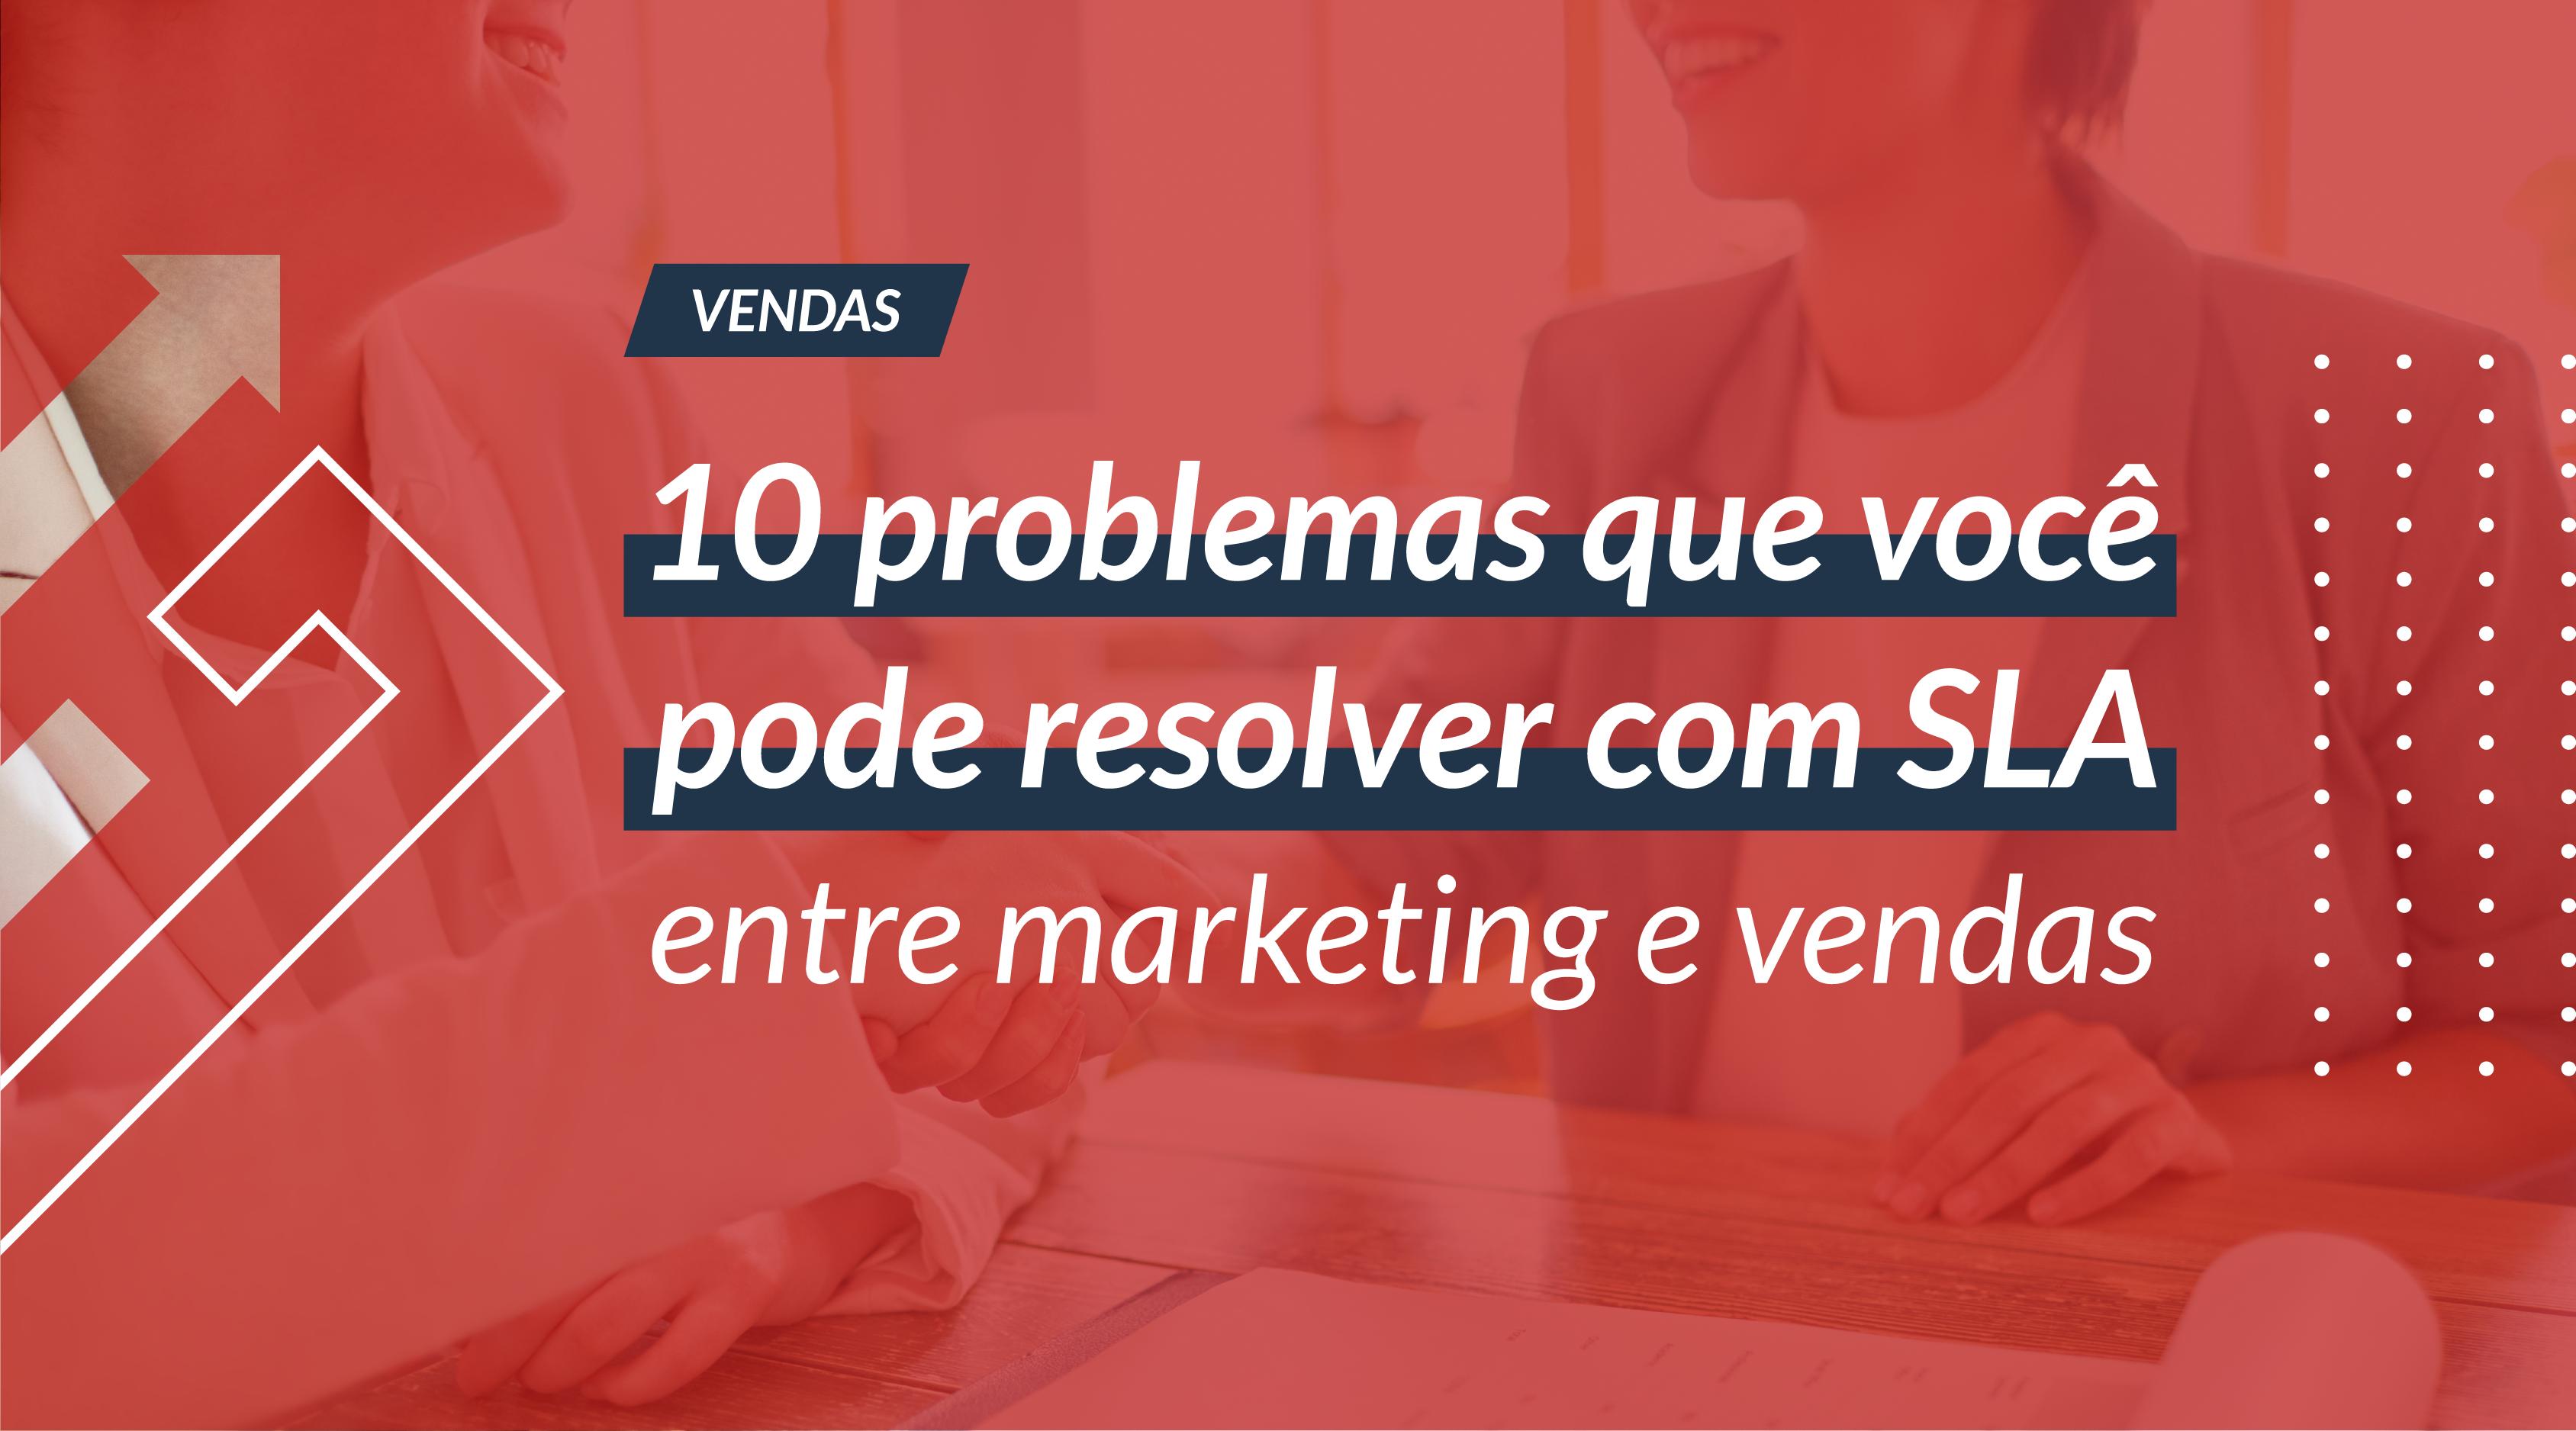 10 problemas que você pode resolver com SLA entre marketing e vendas